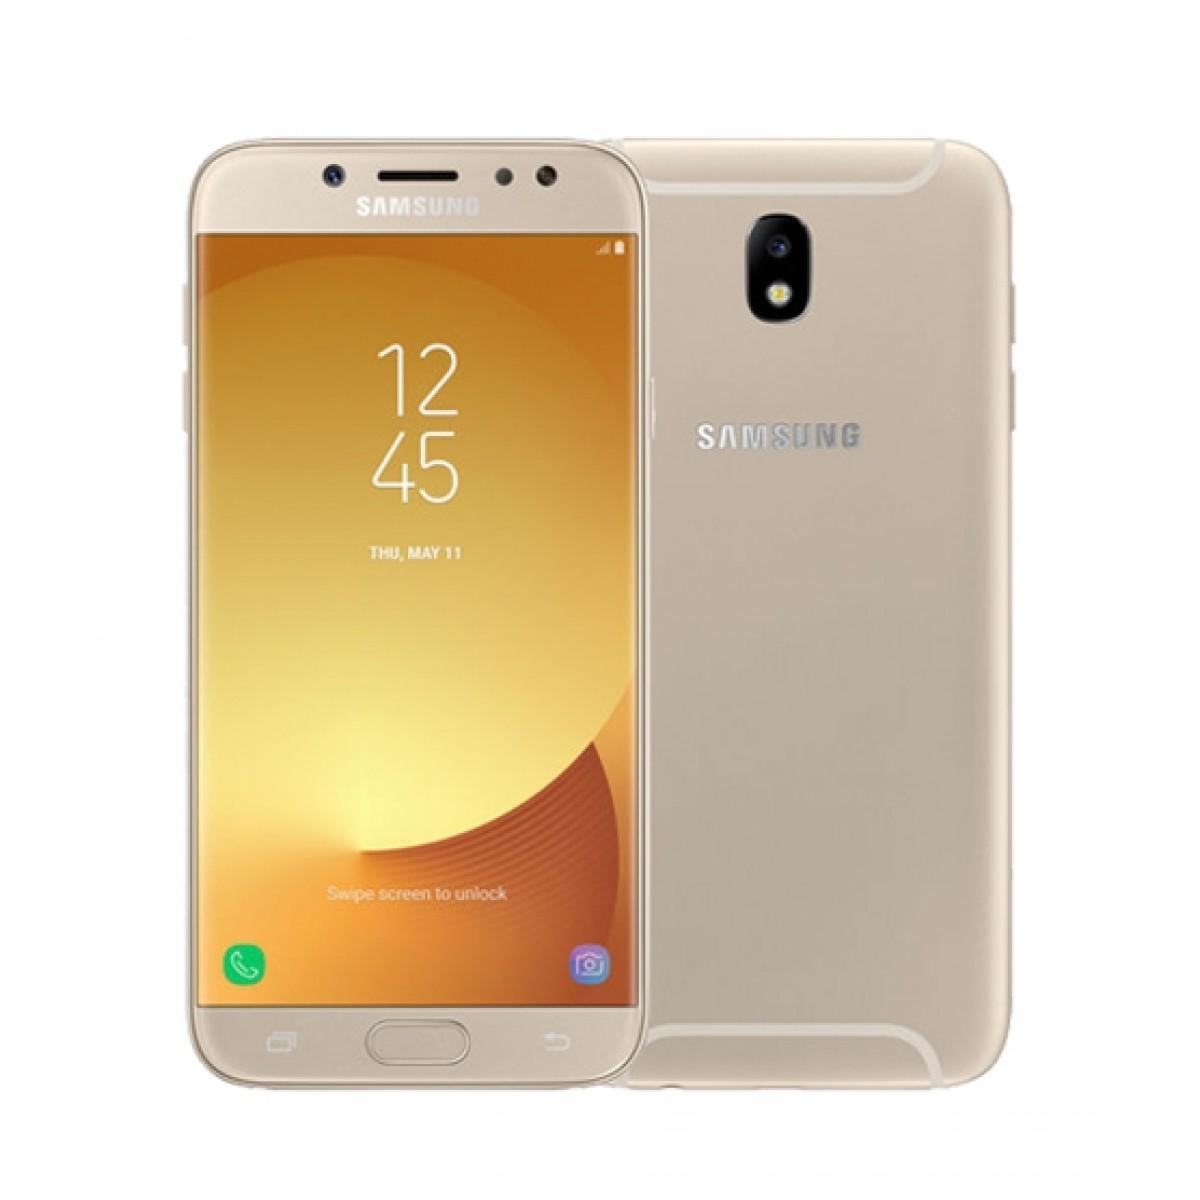 Samsung Galaxy J7 Pro 32GB Dual Sim Gold (J730)